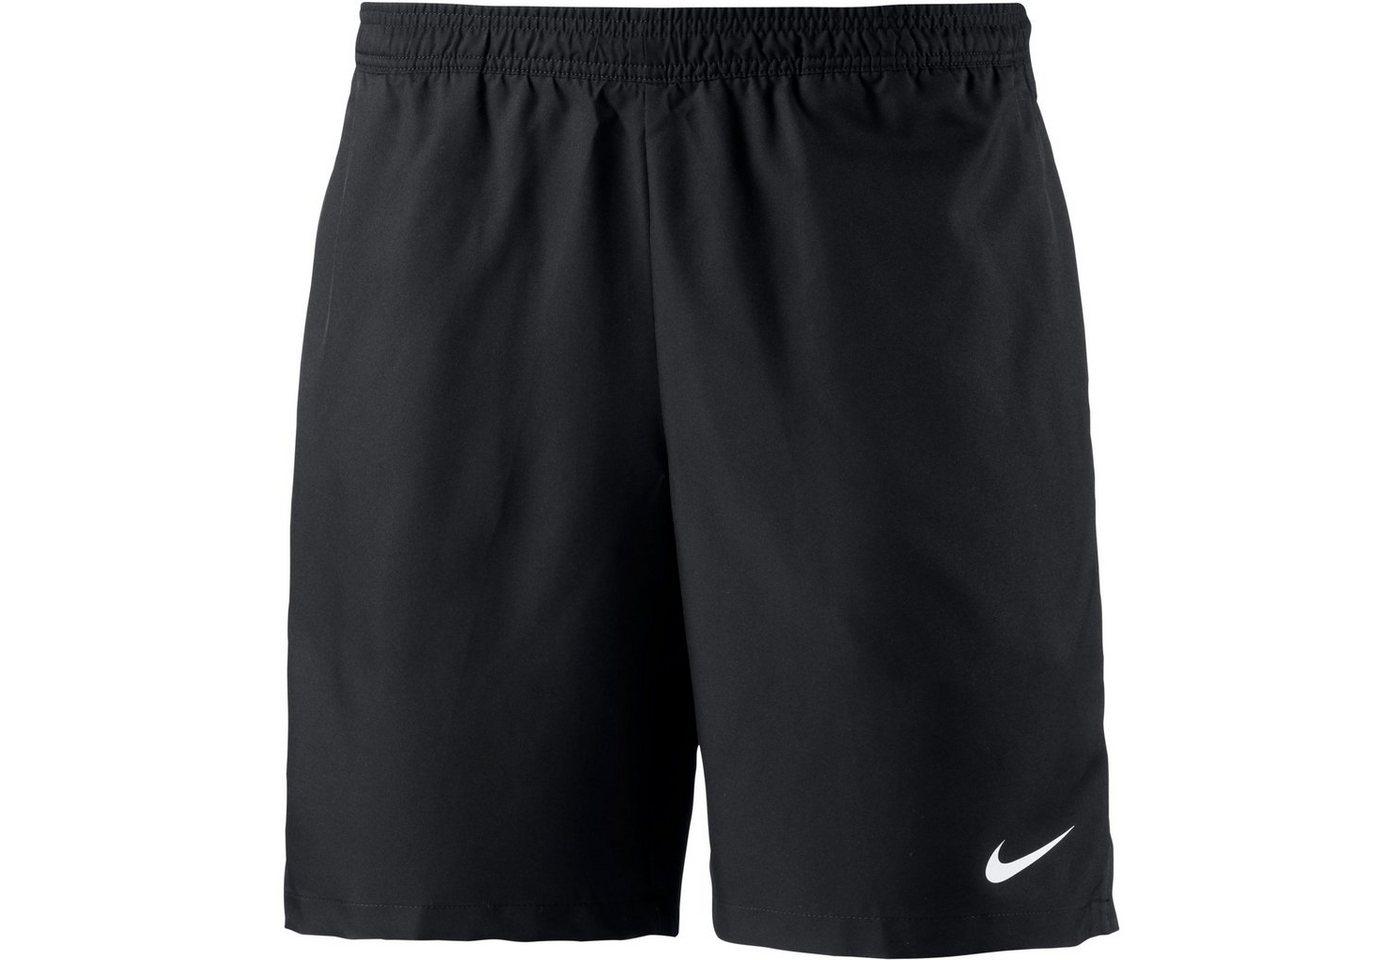 Nike Tennisshort | Sportbekleidung > Sporthosen > Tennisshorts | Schwarz | Polyester | Nike